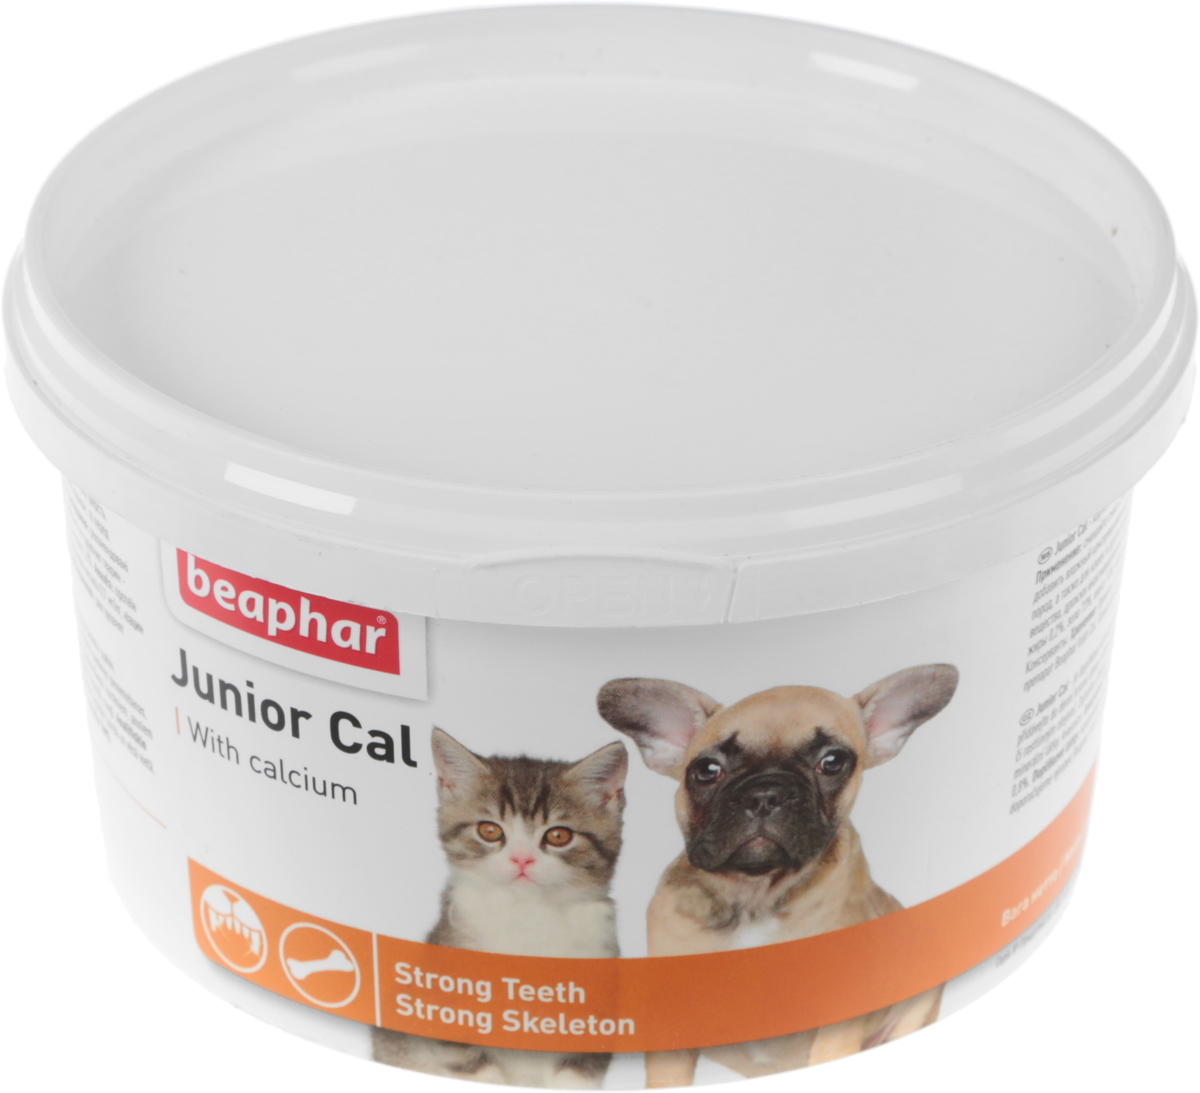 Минеральная смесь Beaphar Junior Cal, для кошек и собак, 200 г13126Минеральная добавка Beaphar Junior Cal предназначена для щенков и котят, растущих собак и кошек, а также других животных c шерстяным покровом. Junior Cal - это смесь минералов, которая обеспечит вашему животному прочный костяк, крепкие зубы и красивую шерсть. Смесь также подходит в качестве укрепляющего препарата для беременных и кормящих животных. Состав: минеральные вещества, молоко и молочные продукты, дрожжи. Анализ: протеин 2,1%, масла и жиры 0,2%, клетчатка 0,12%, зольные компоненты 73%, влага 18%, кальций 24%, фосфор 24%, магний 0,8%.Вес упаковки: 200 г. Товар сертифицирован.Уважаемые клиенты!Обращаем ваше внимание на возможные изменения в дизайне упаковки. Качественные характеристики товара остаются неизменными. Поставка осуществляется в зависимости от наличия на складе.